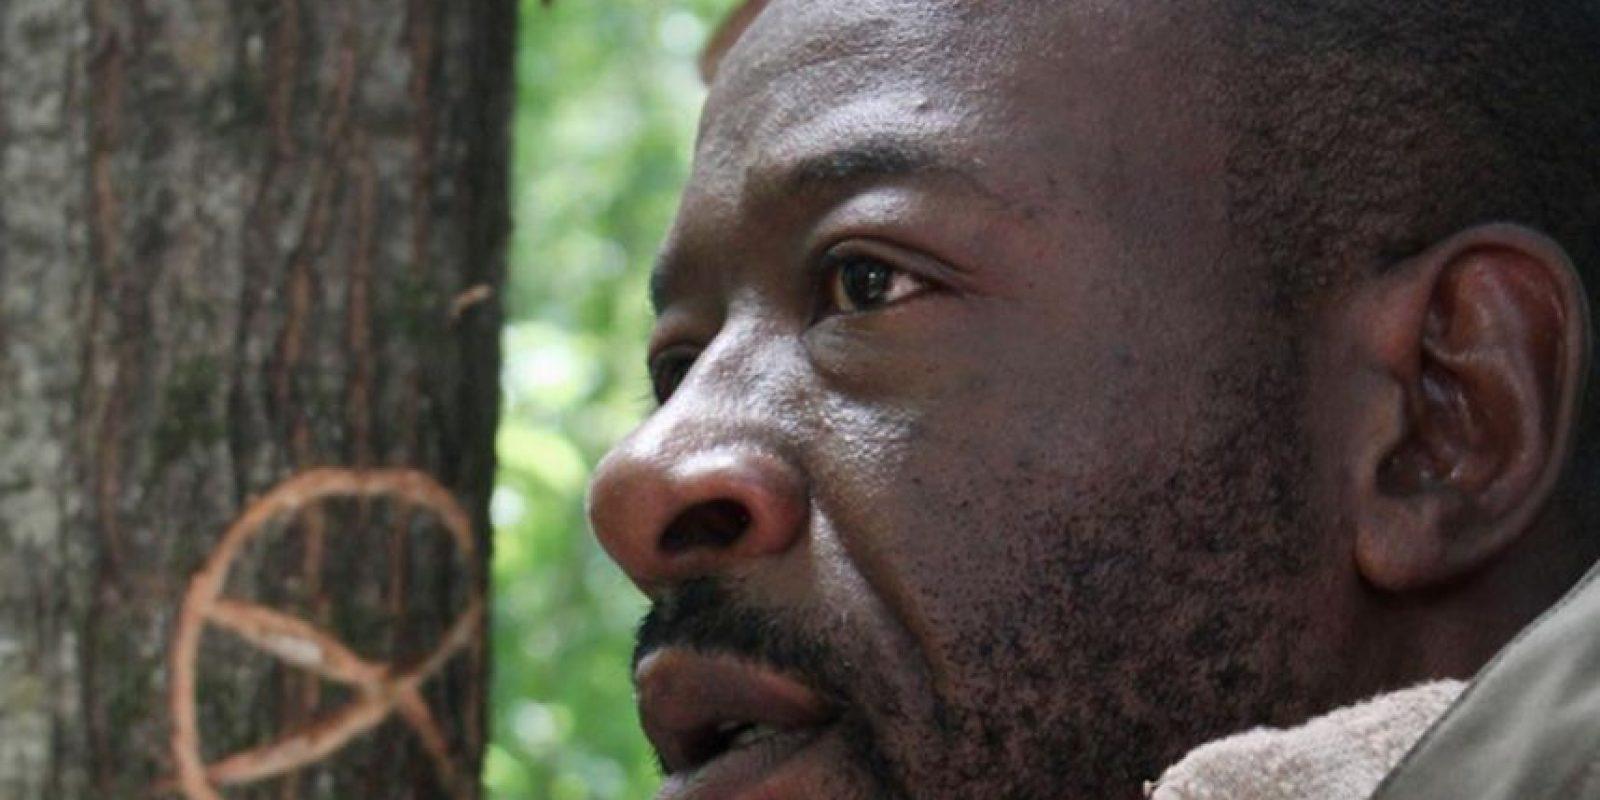 La ballesta de Daryl tiene un costo de más de 380 dólares Foto:Facebook The Walking Dead